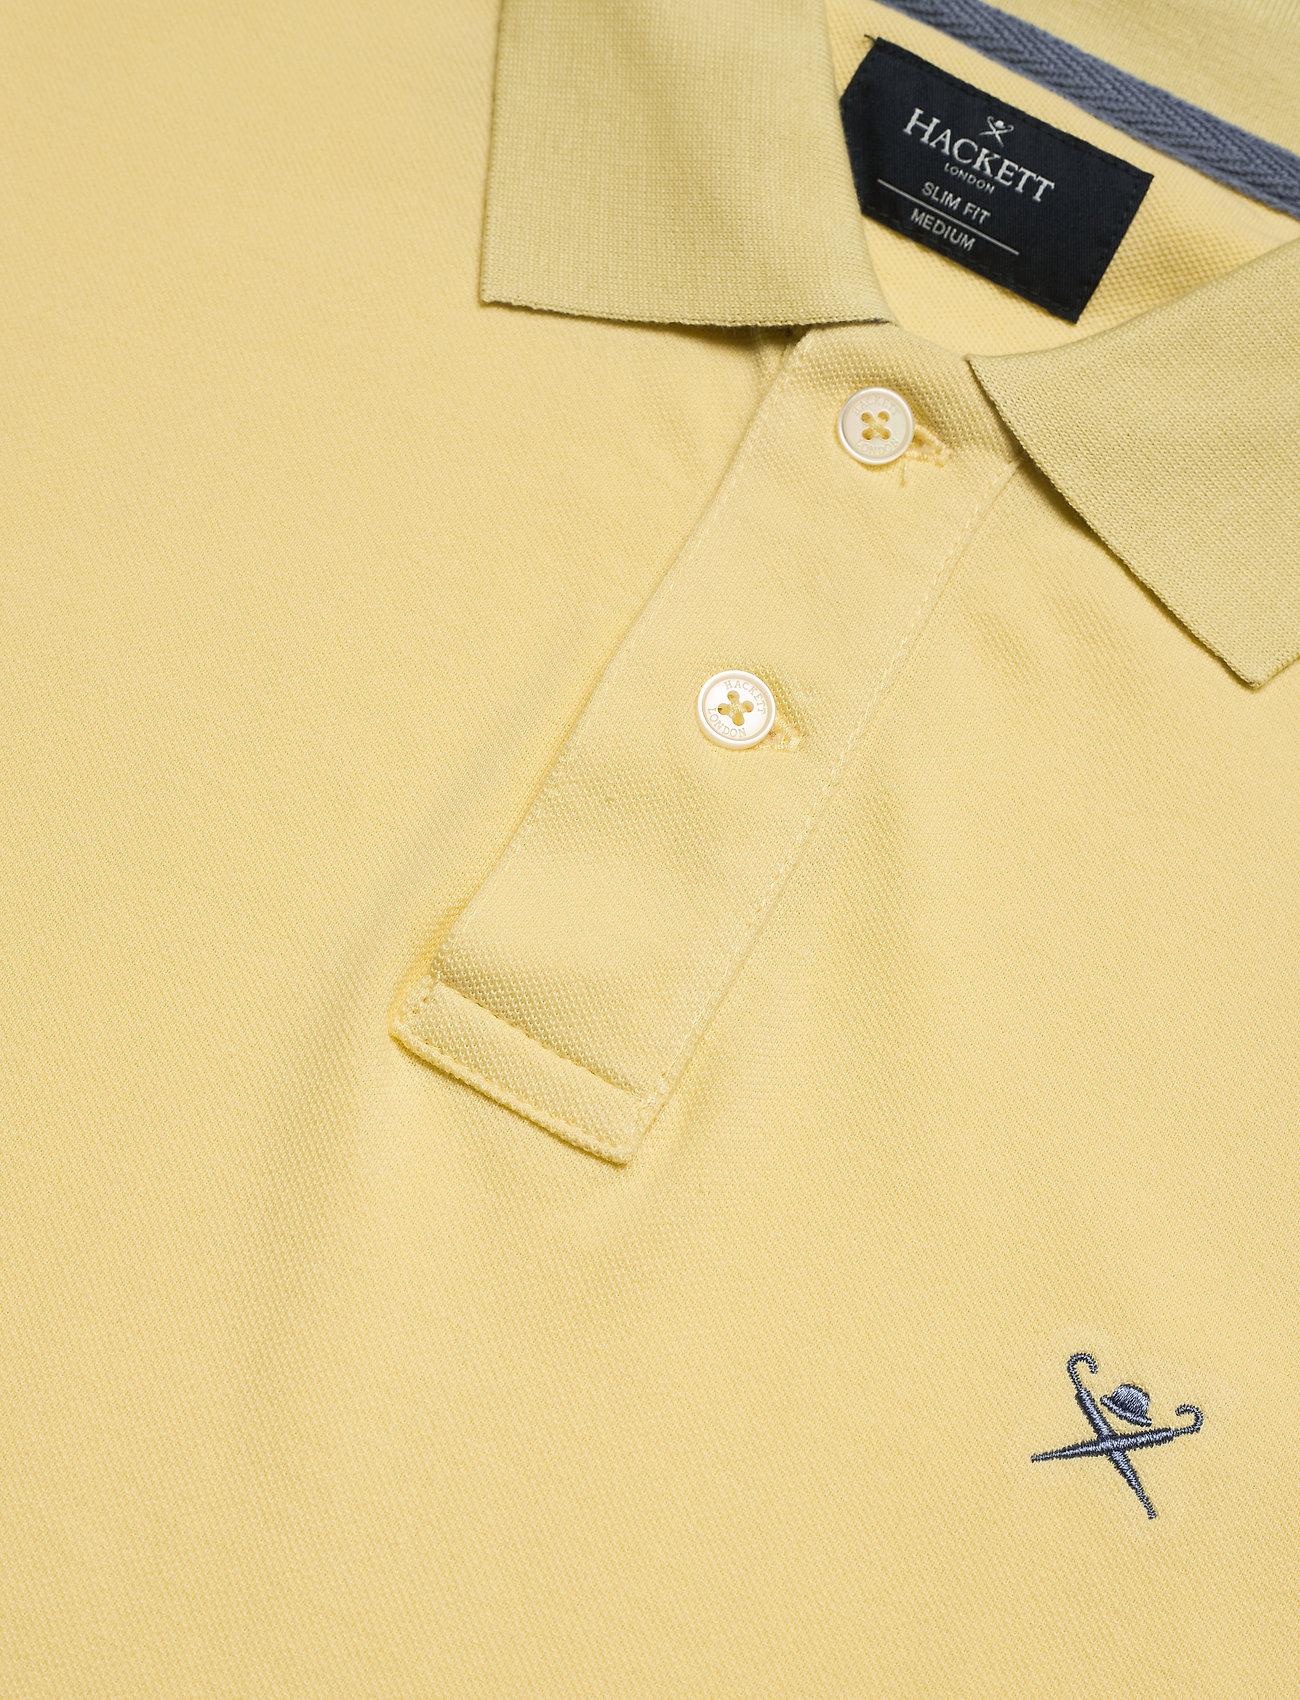 Hackett London SLIM FIT LOGO - Poloskjorter 001PASTEL LEMON - Menn Klær